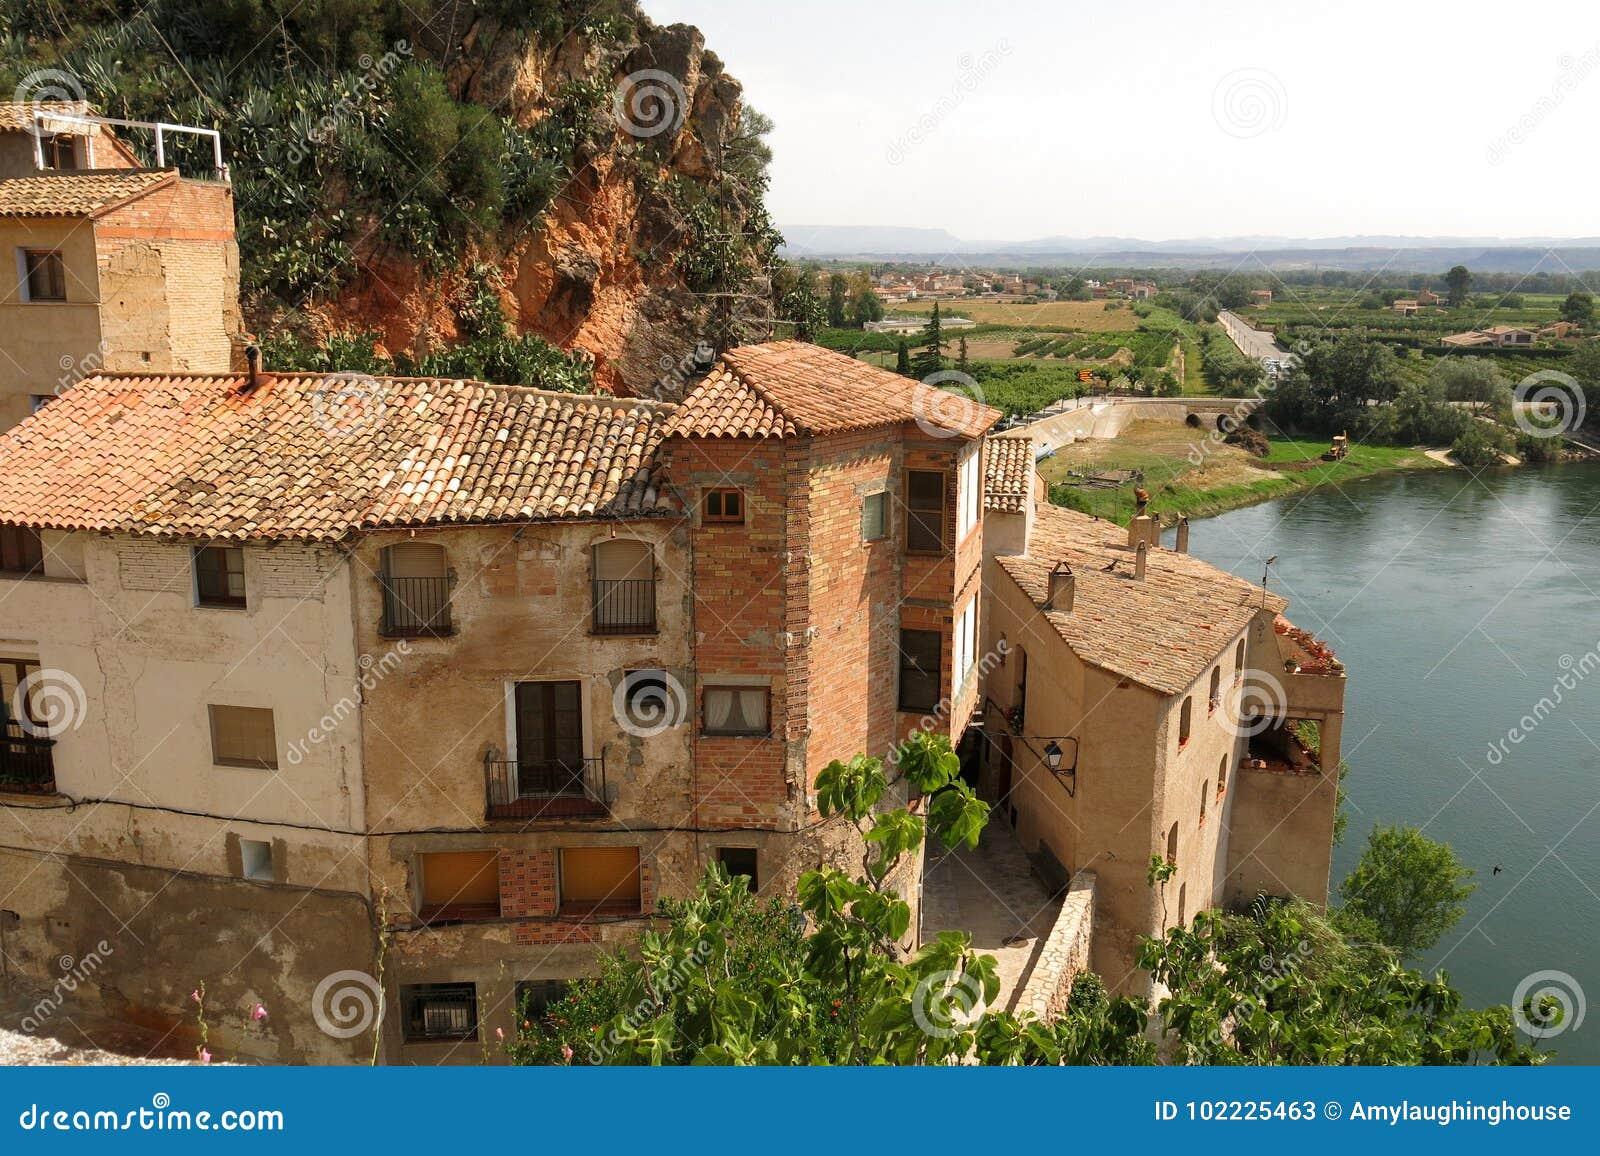 米拉韦卡塔龙尼亚,西班牙中世纪村庄